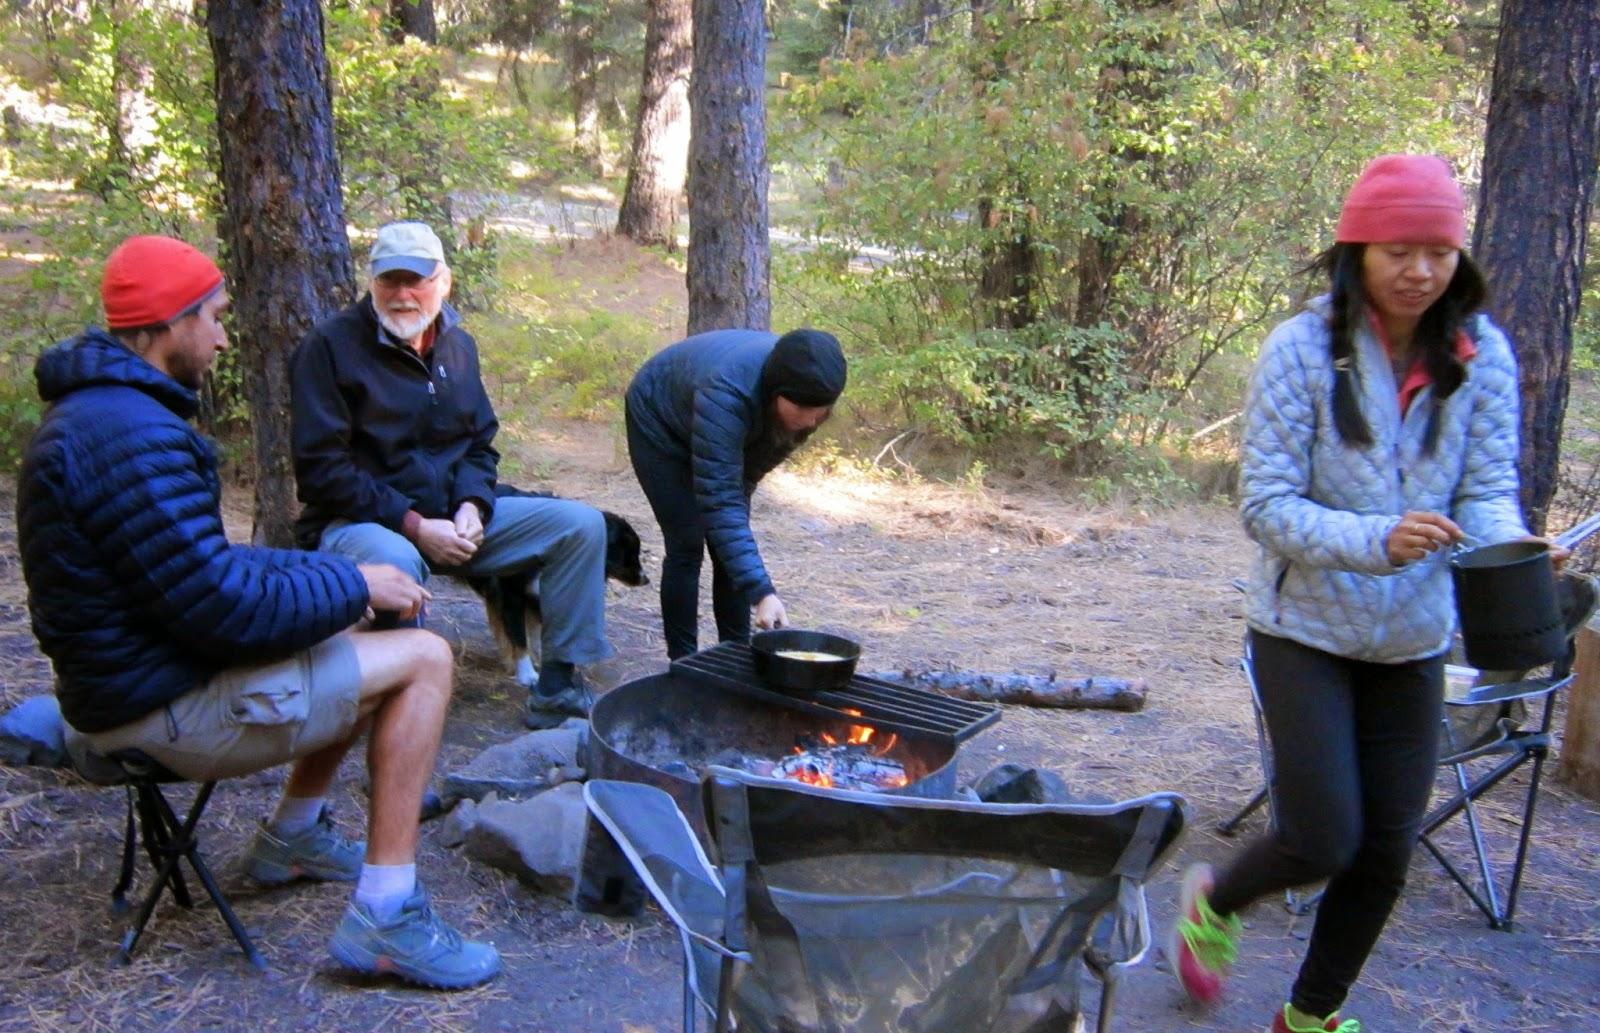 Ellensburg wa camping